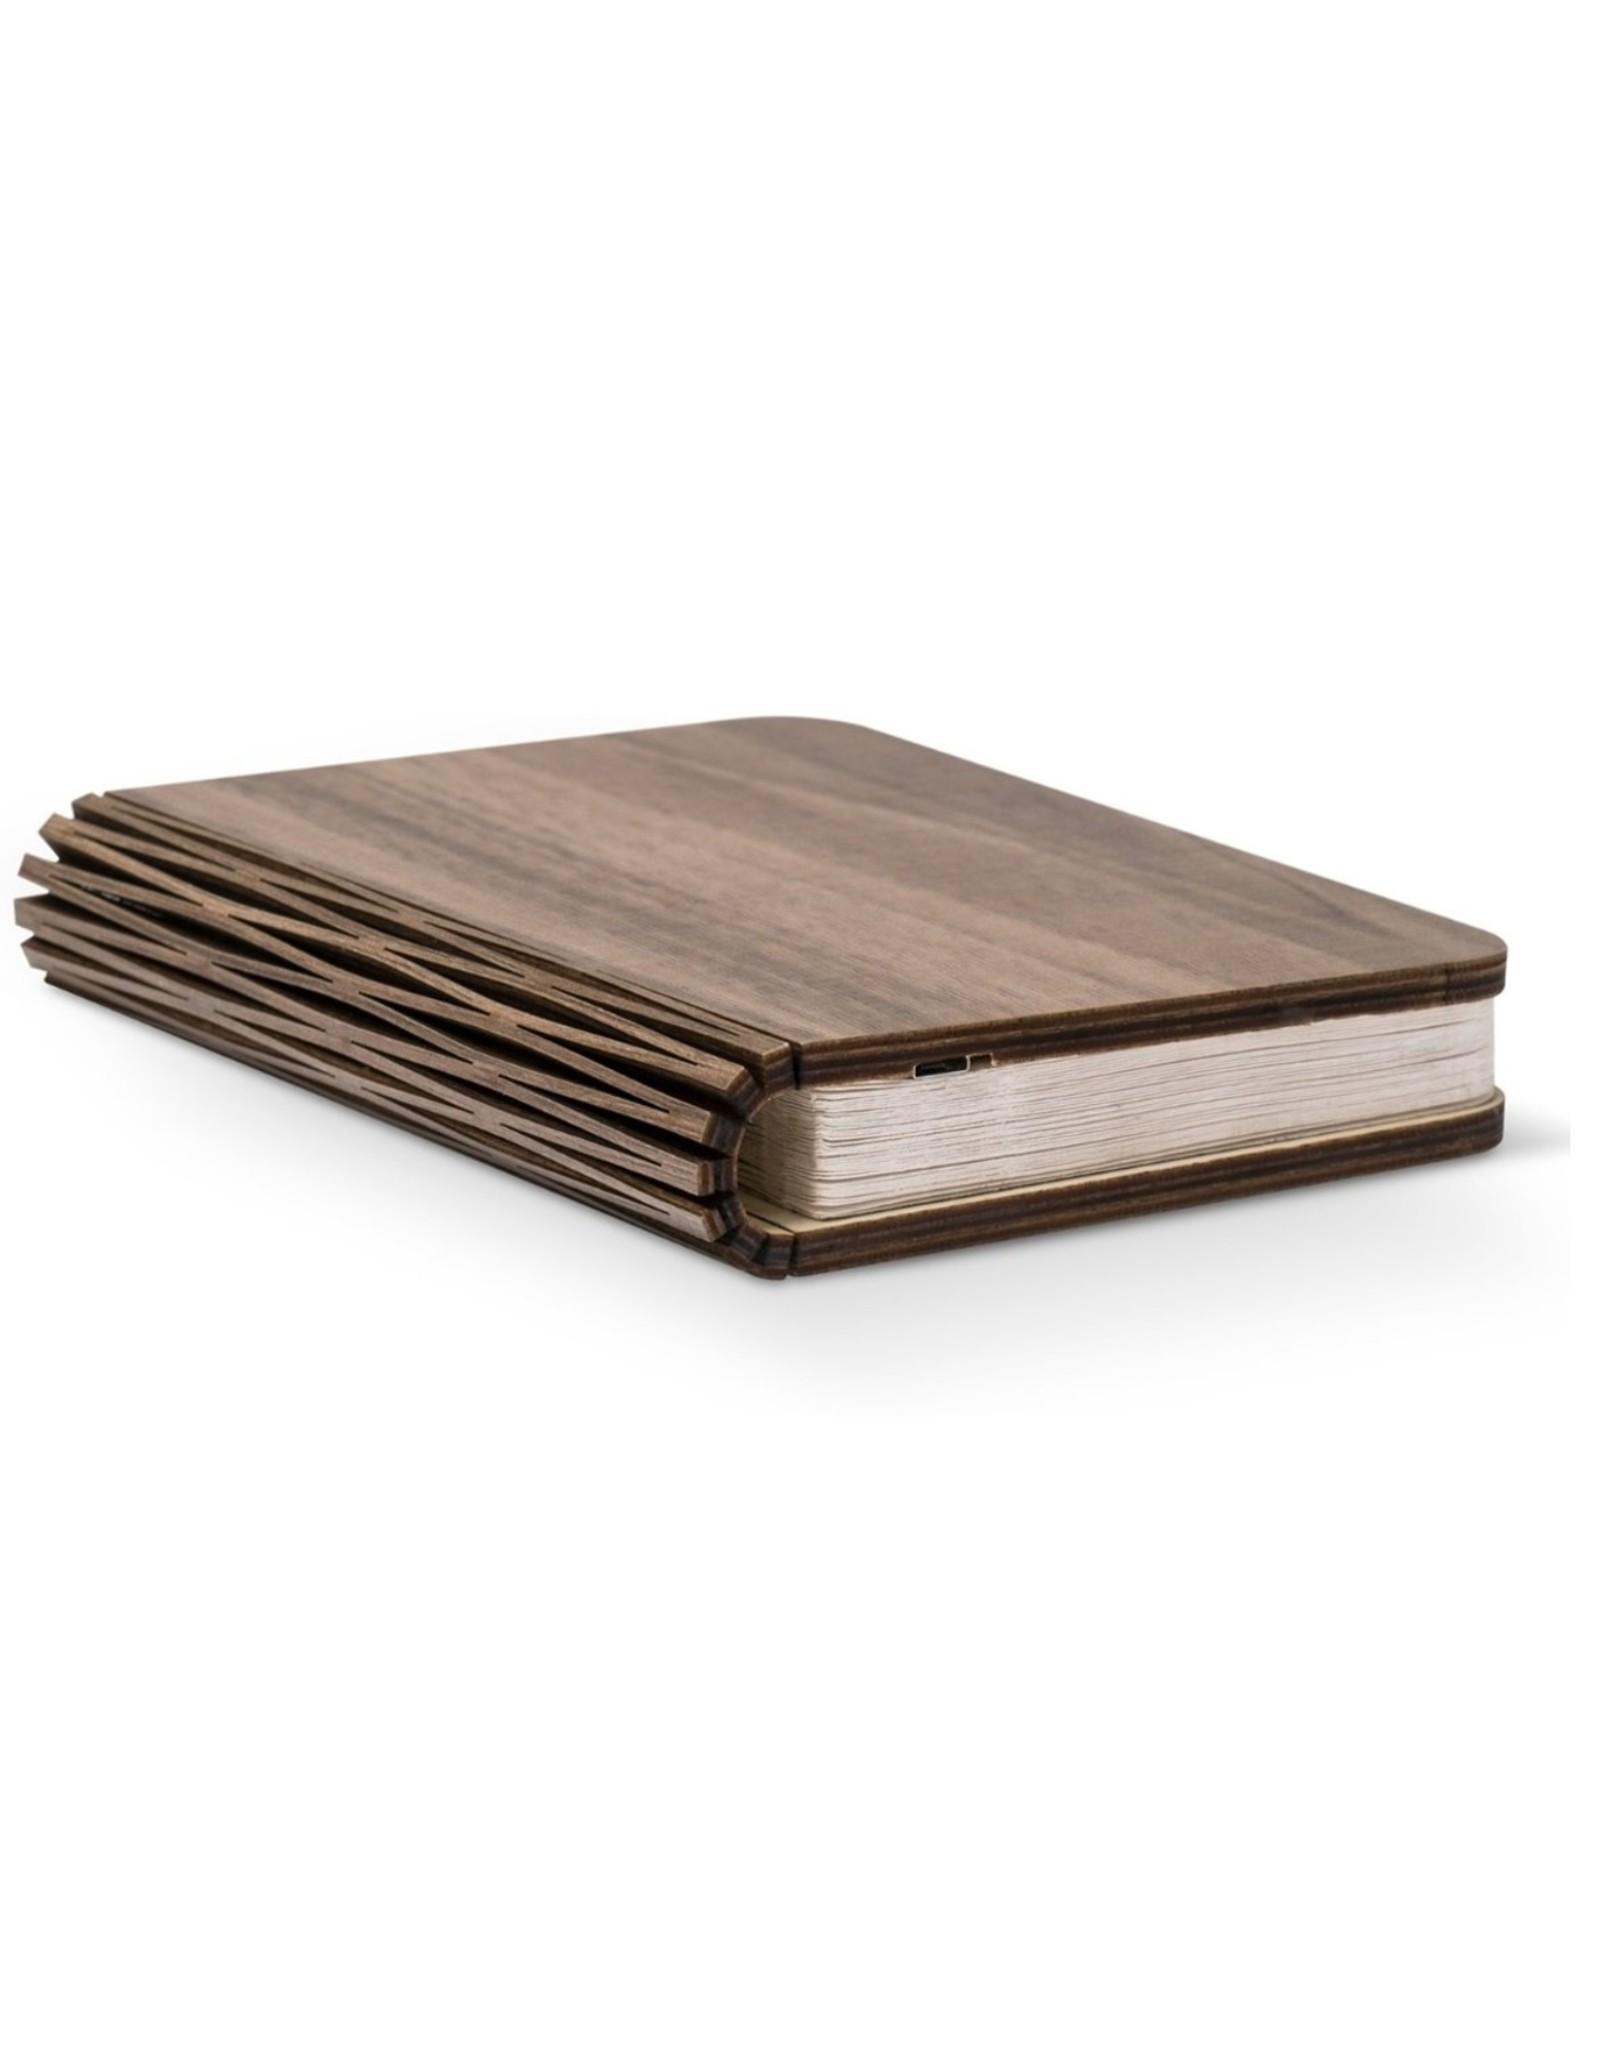 Parya Official Ledbook - Groot